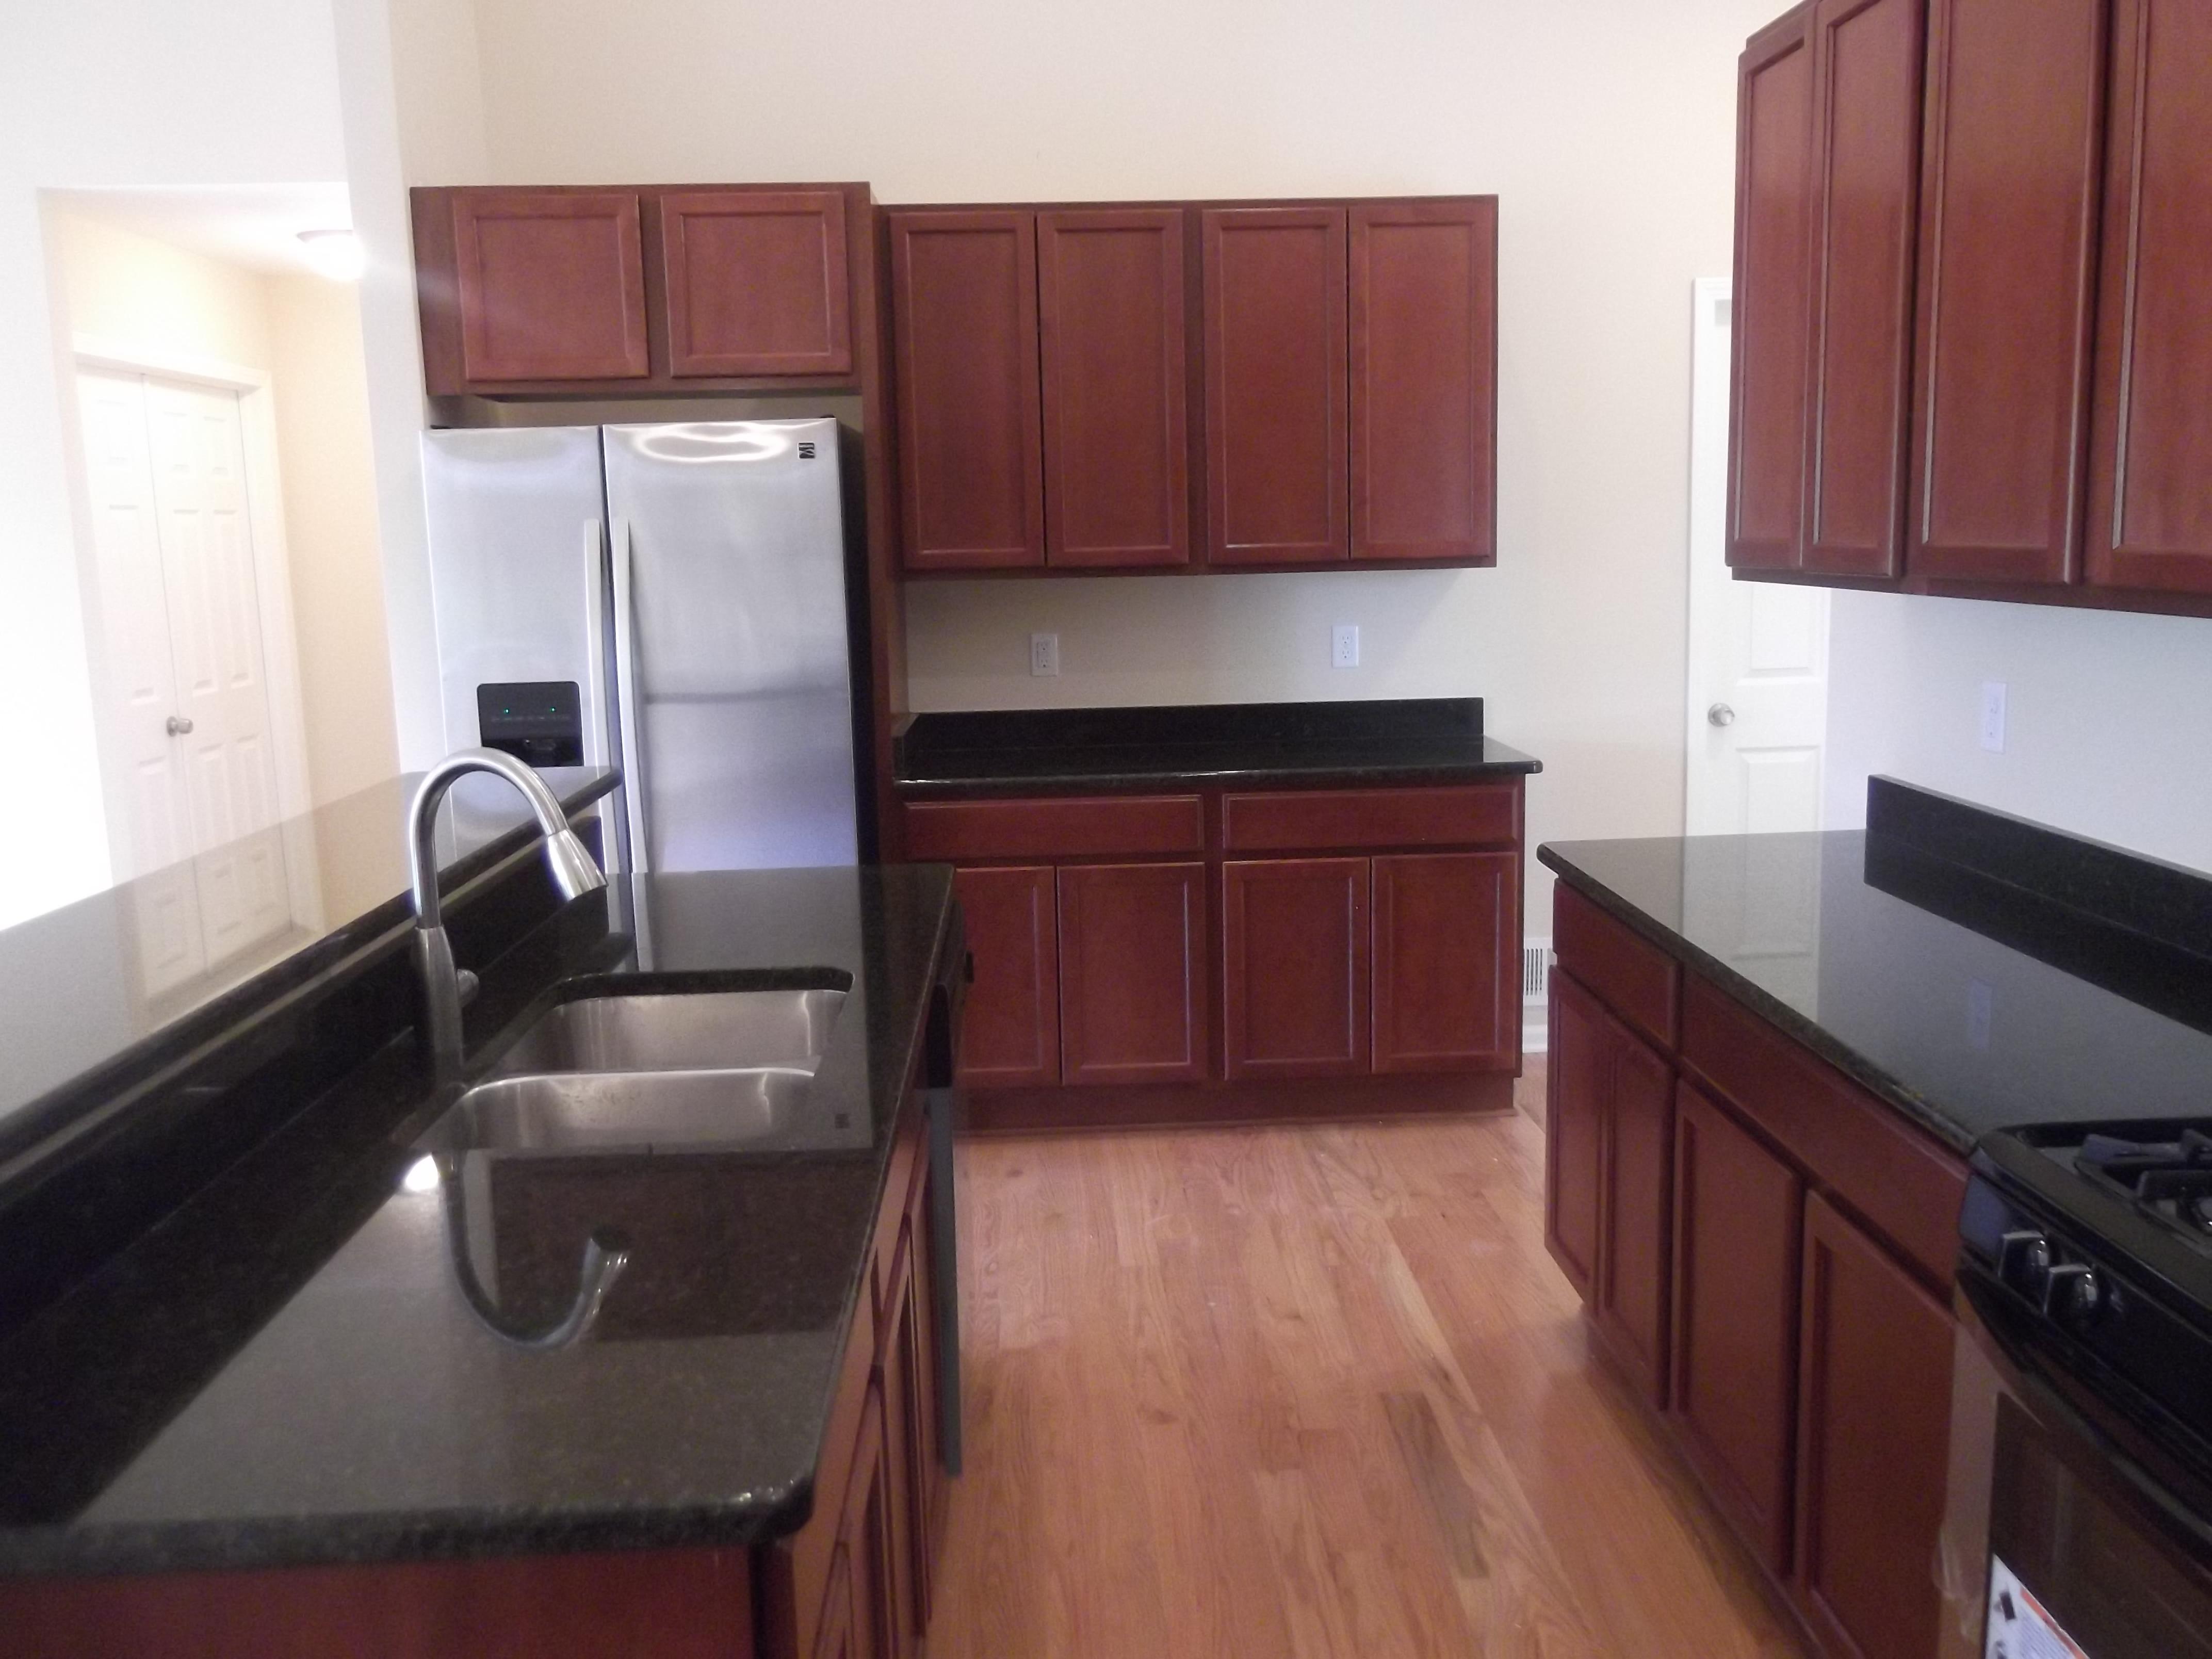 New Homes For Sale, Chestnut R. Kit